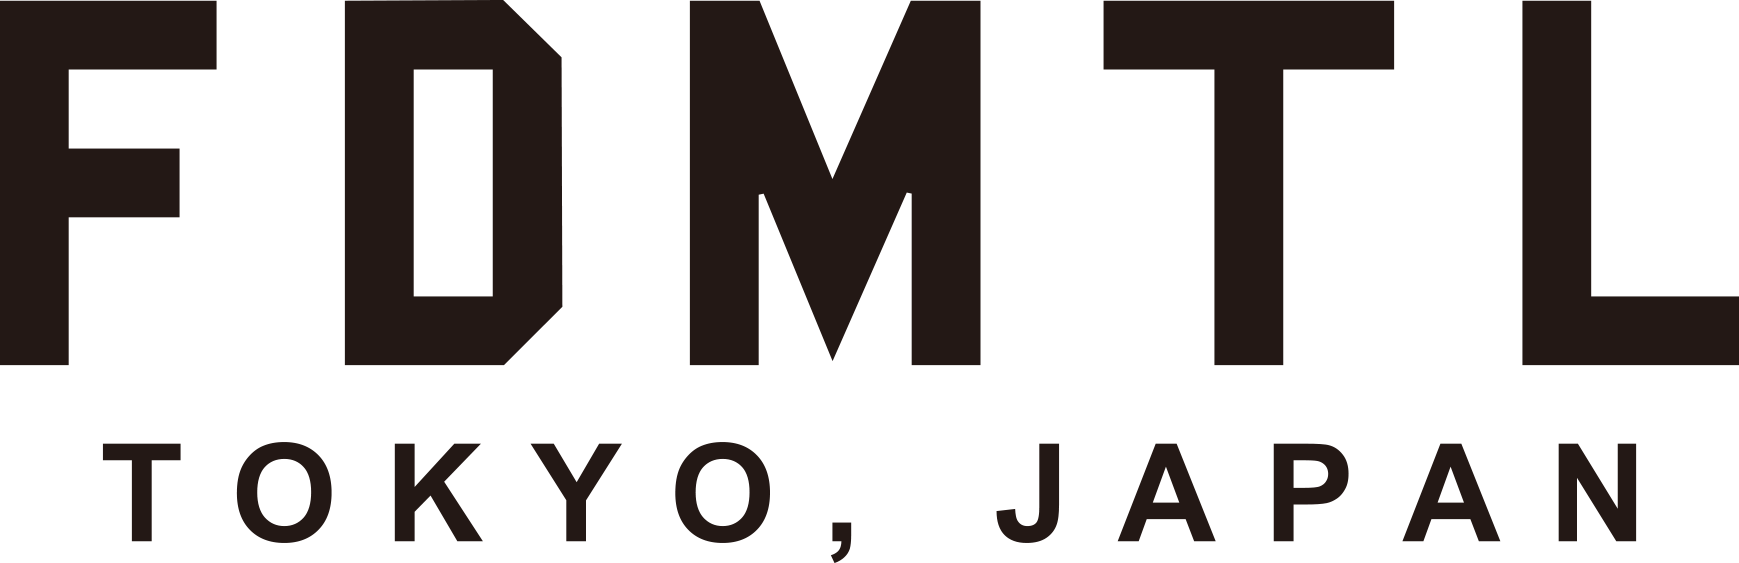 有限会社フリークワークスのロゴ写真